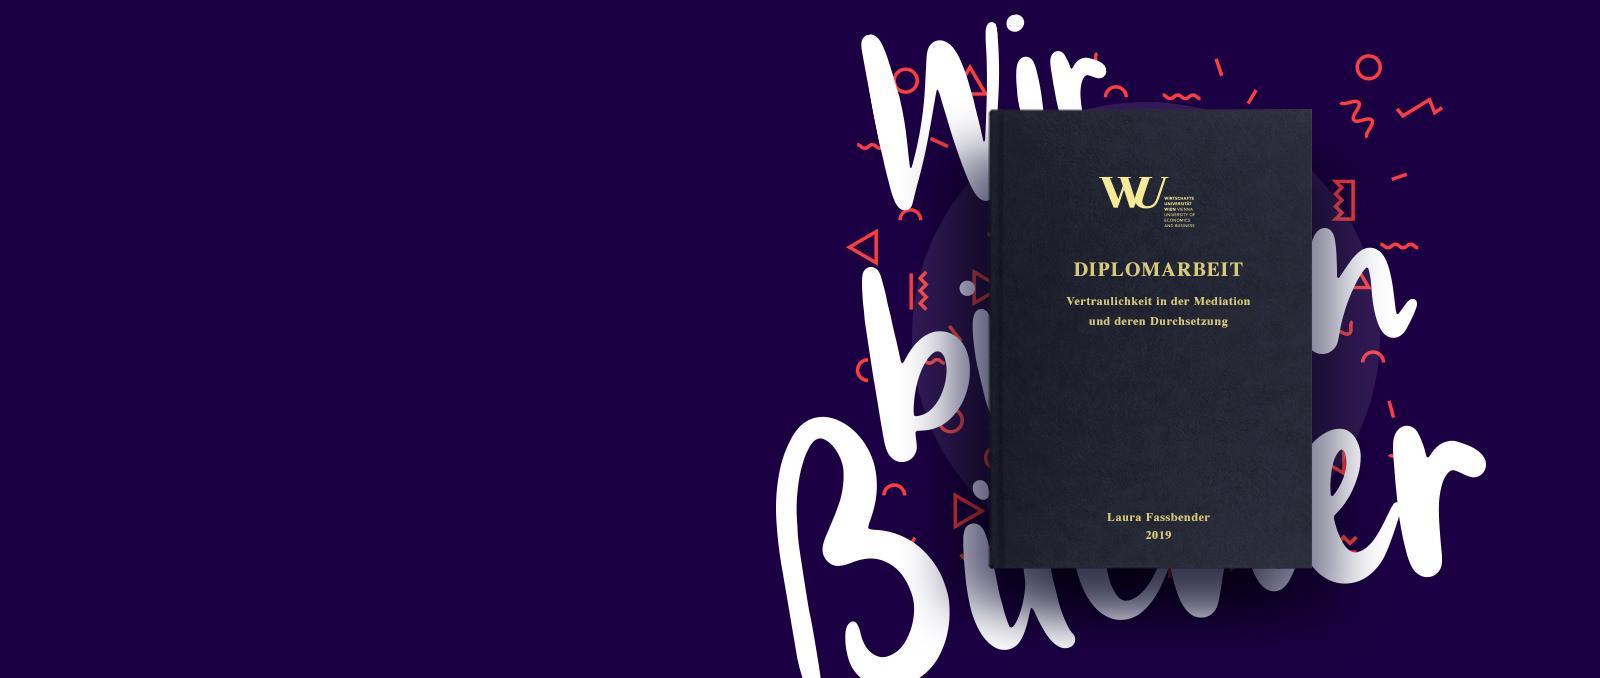 Diplomarbeit drucken & binden WU Wien